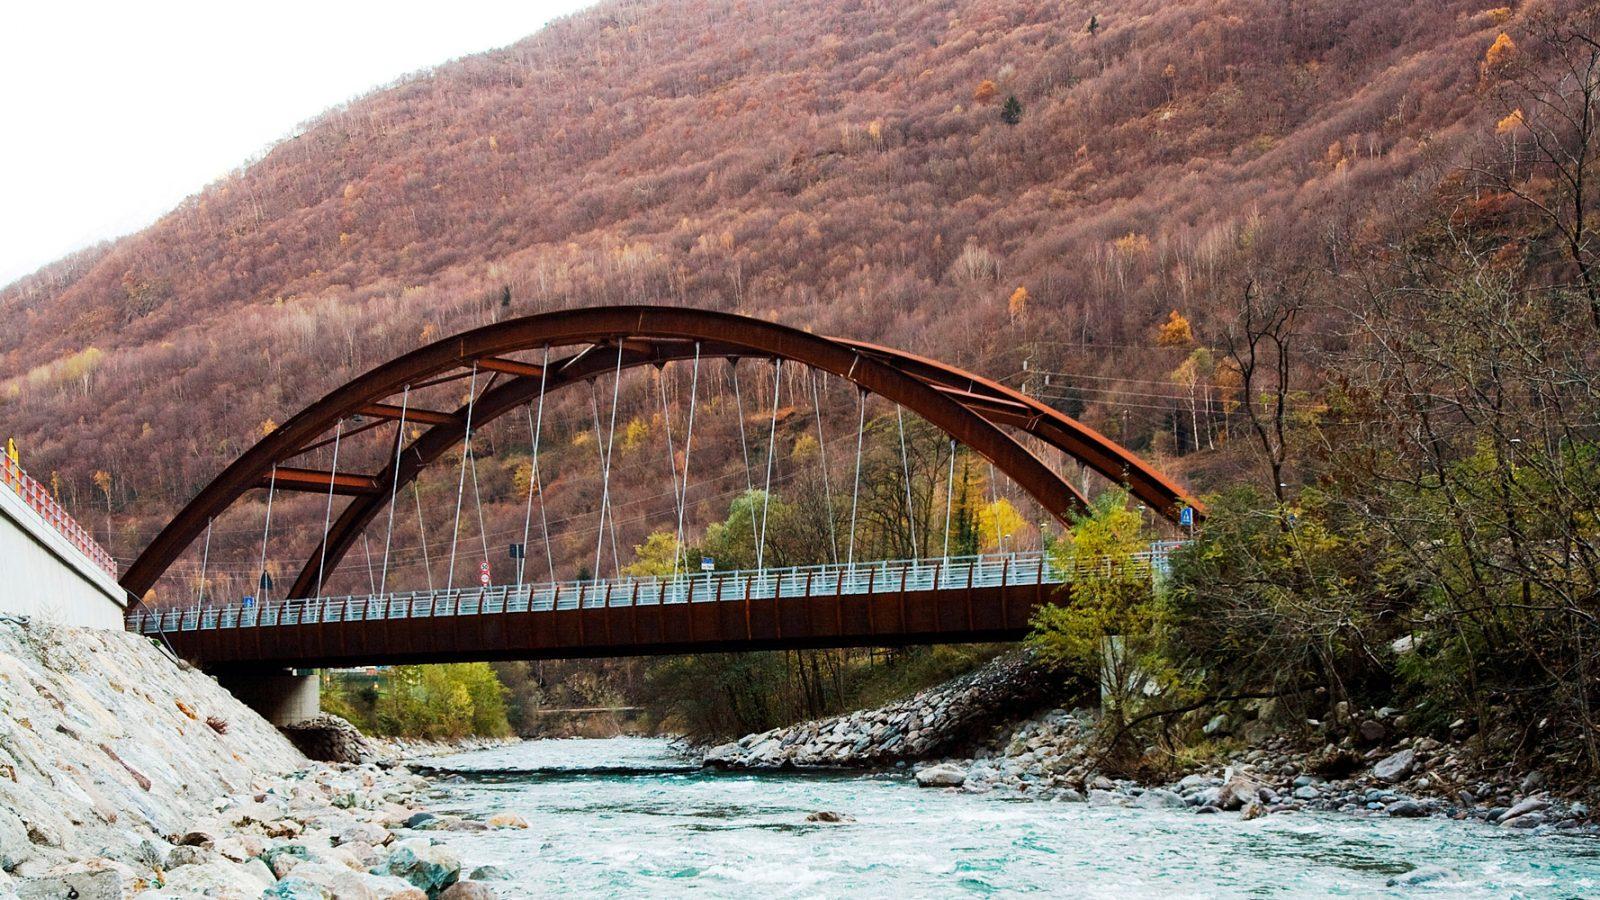 """Lombardia, strada statale 42 """"del Tonale e della Mendola"""", ponte Saletto (Archivio storico Anas, 2013)"""